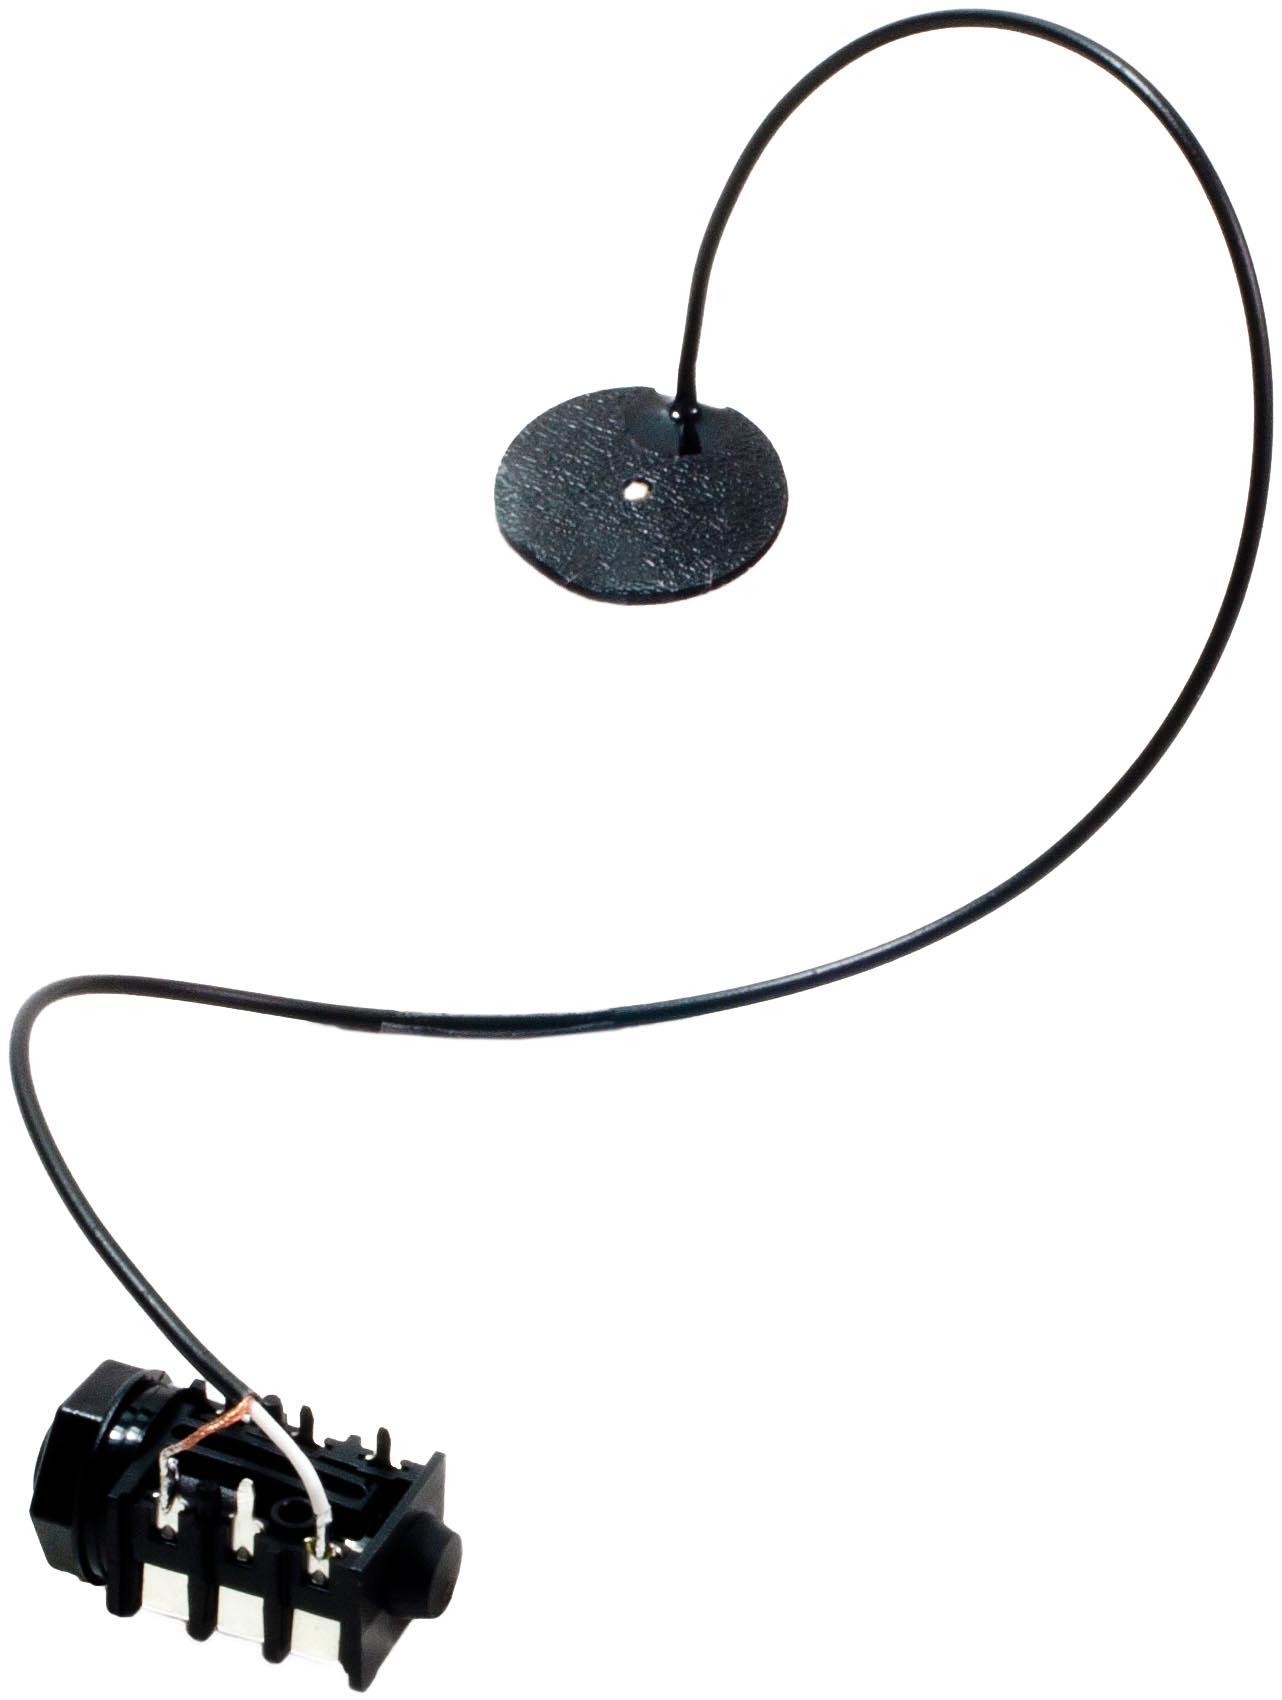 k k sound pure resonator guitar pickup spider bridge. Black Bedroom Furniture Sets. Home Design Ideas